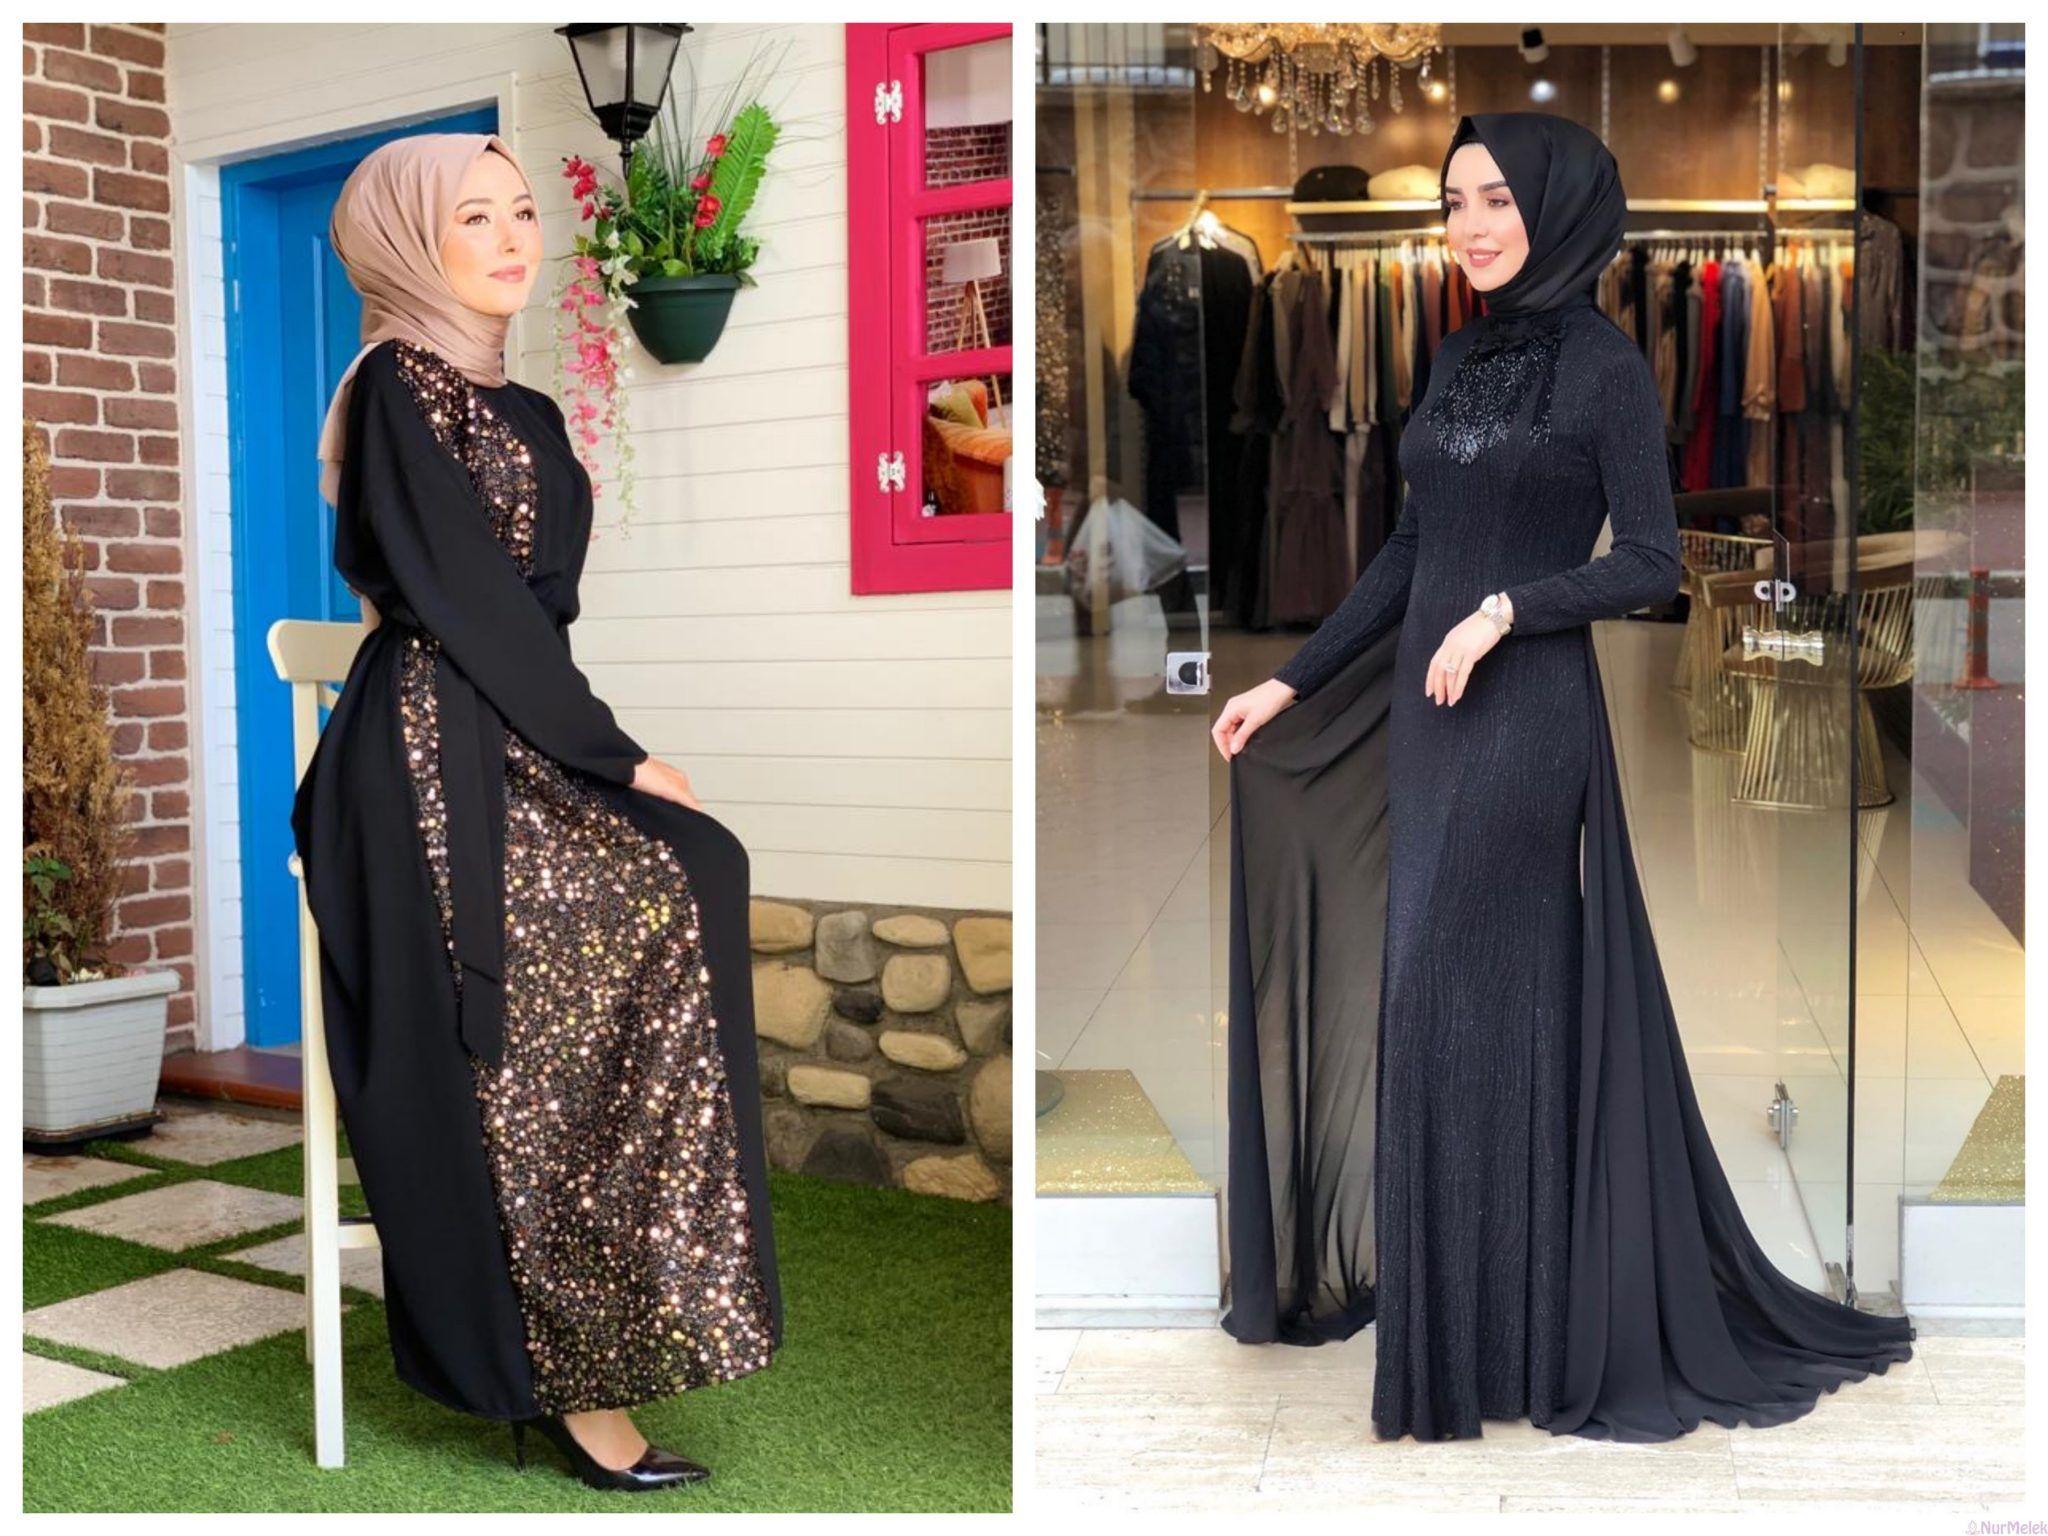 Pariltiyi Sevenler Icin En Guzel 15 Payetli Tesettur Abiye Modeli 2020 Mutevazi Moda Elbise Modelleri Elbise